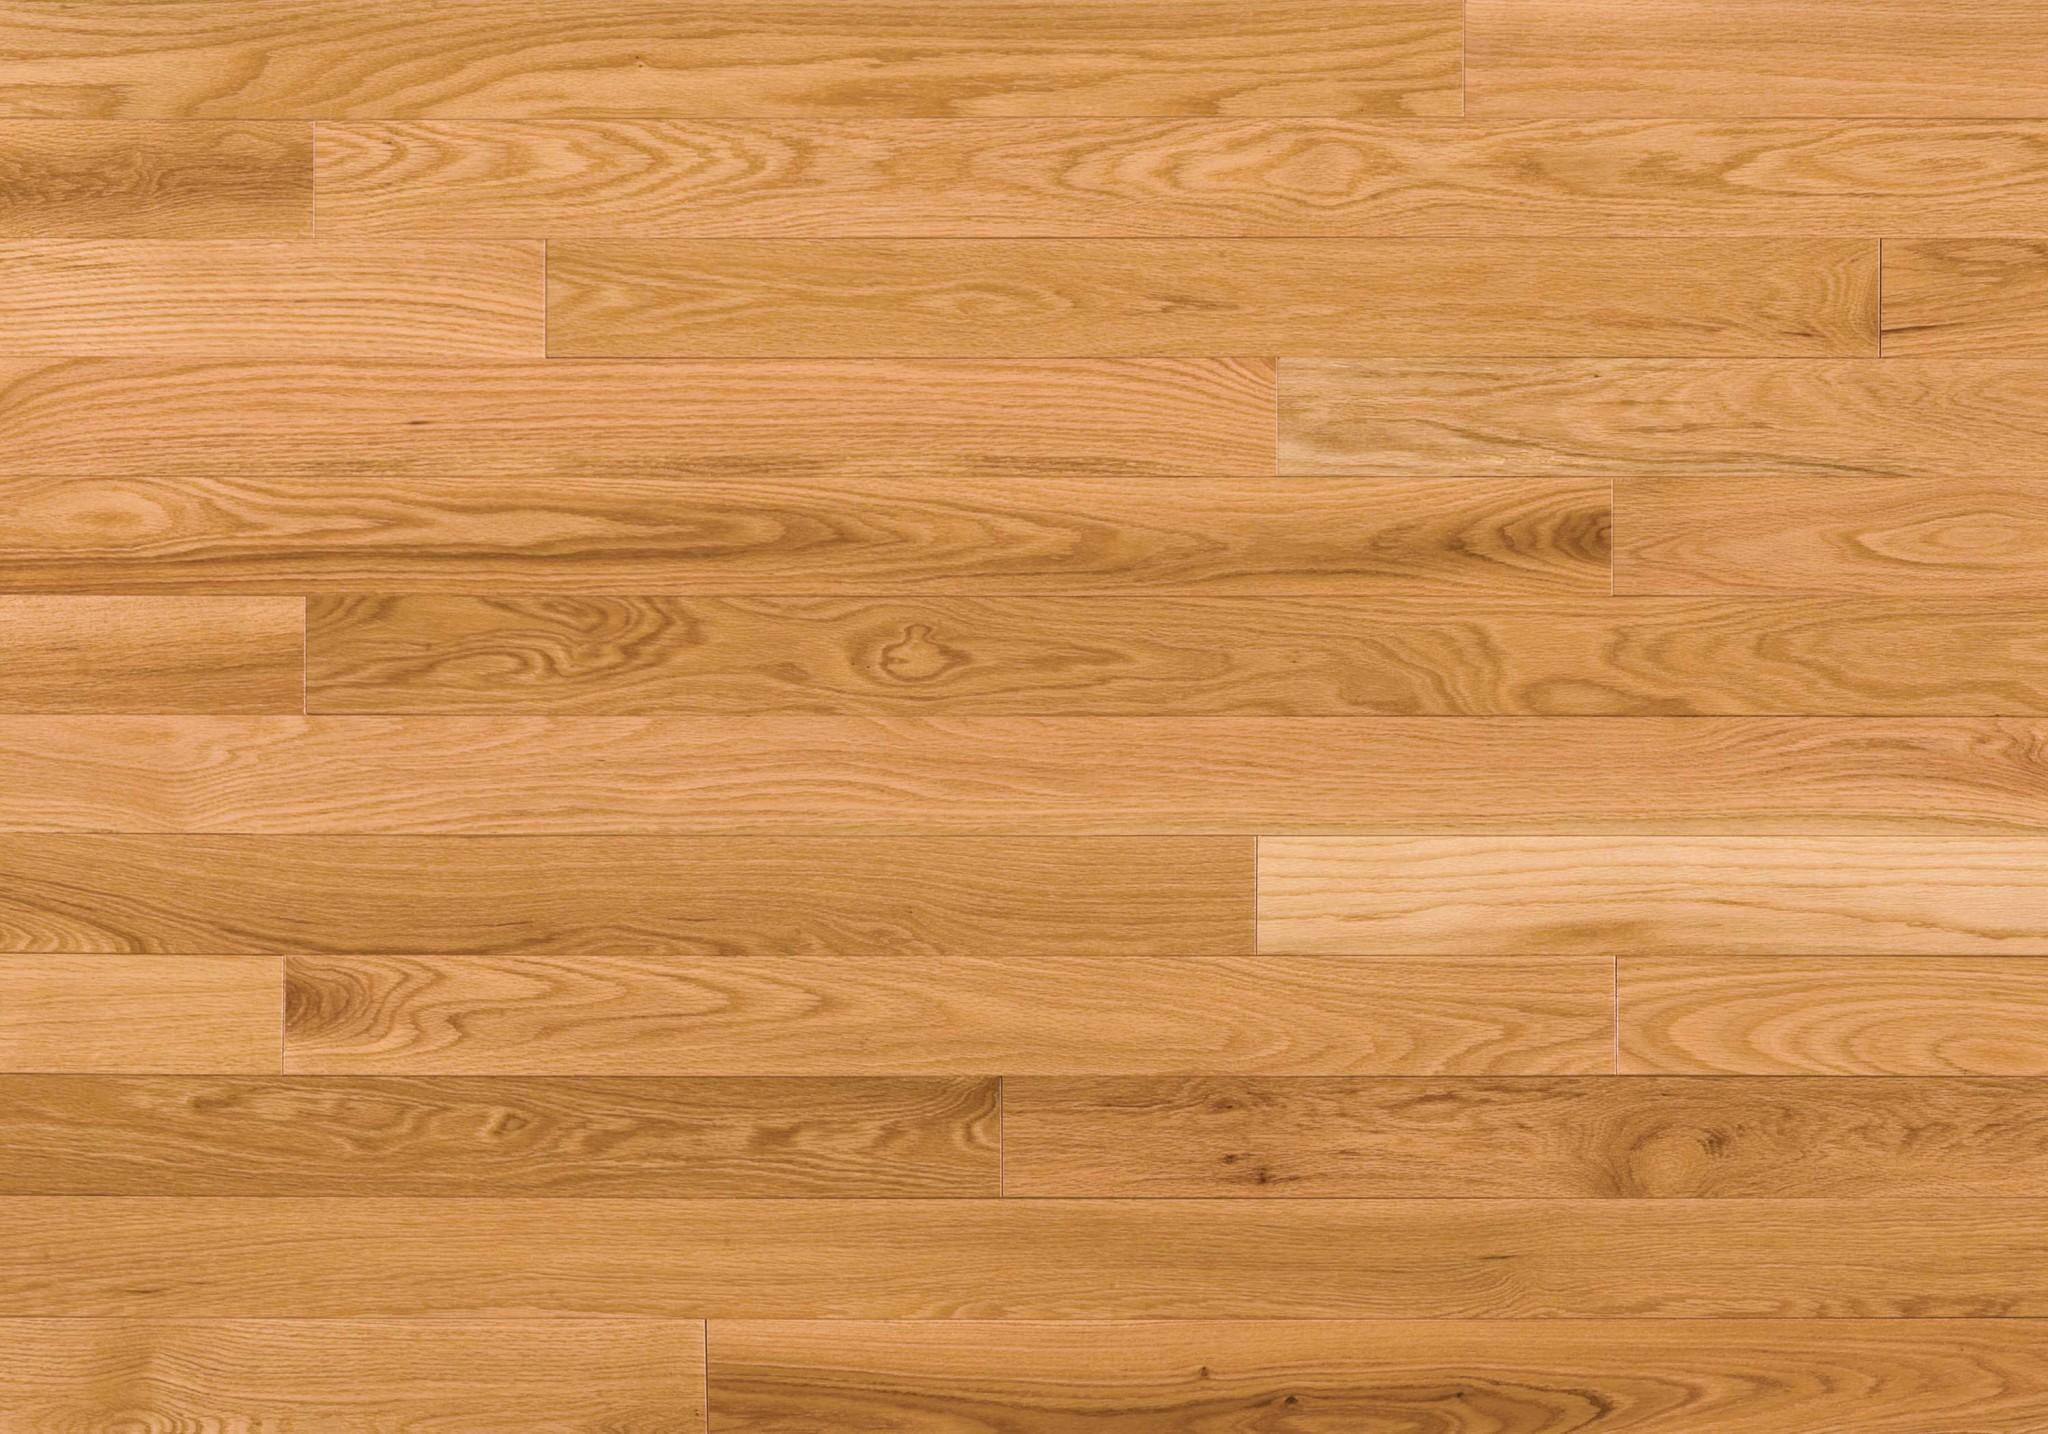 oak hardwood flooring red oak hardwood ... ZSBITKX